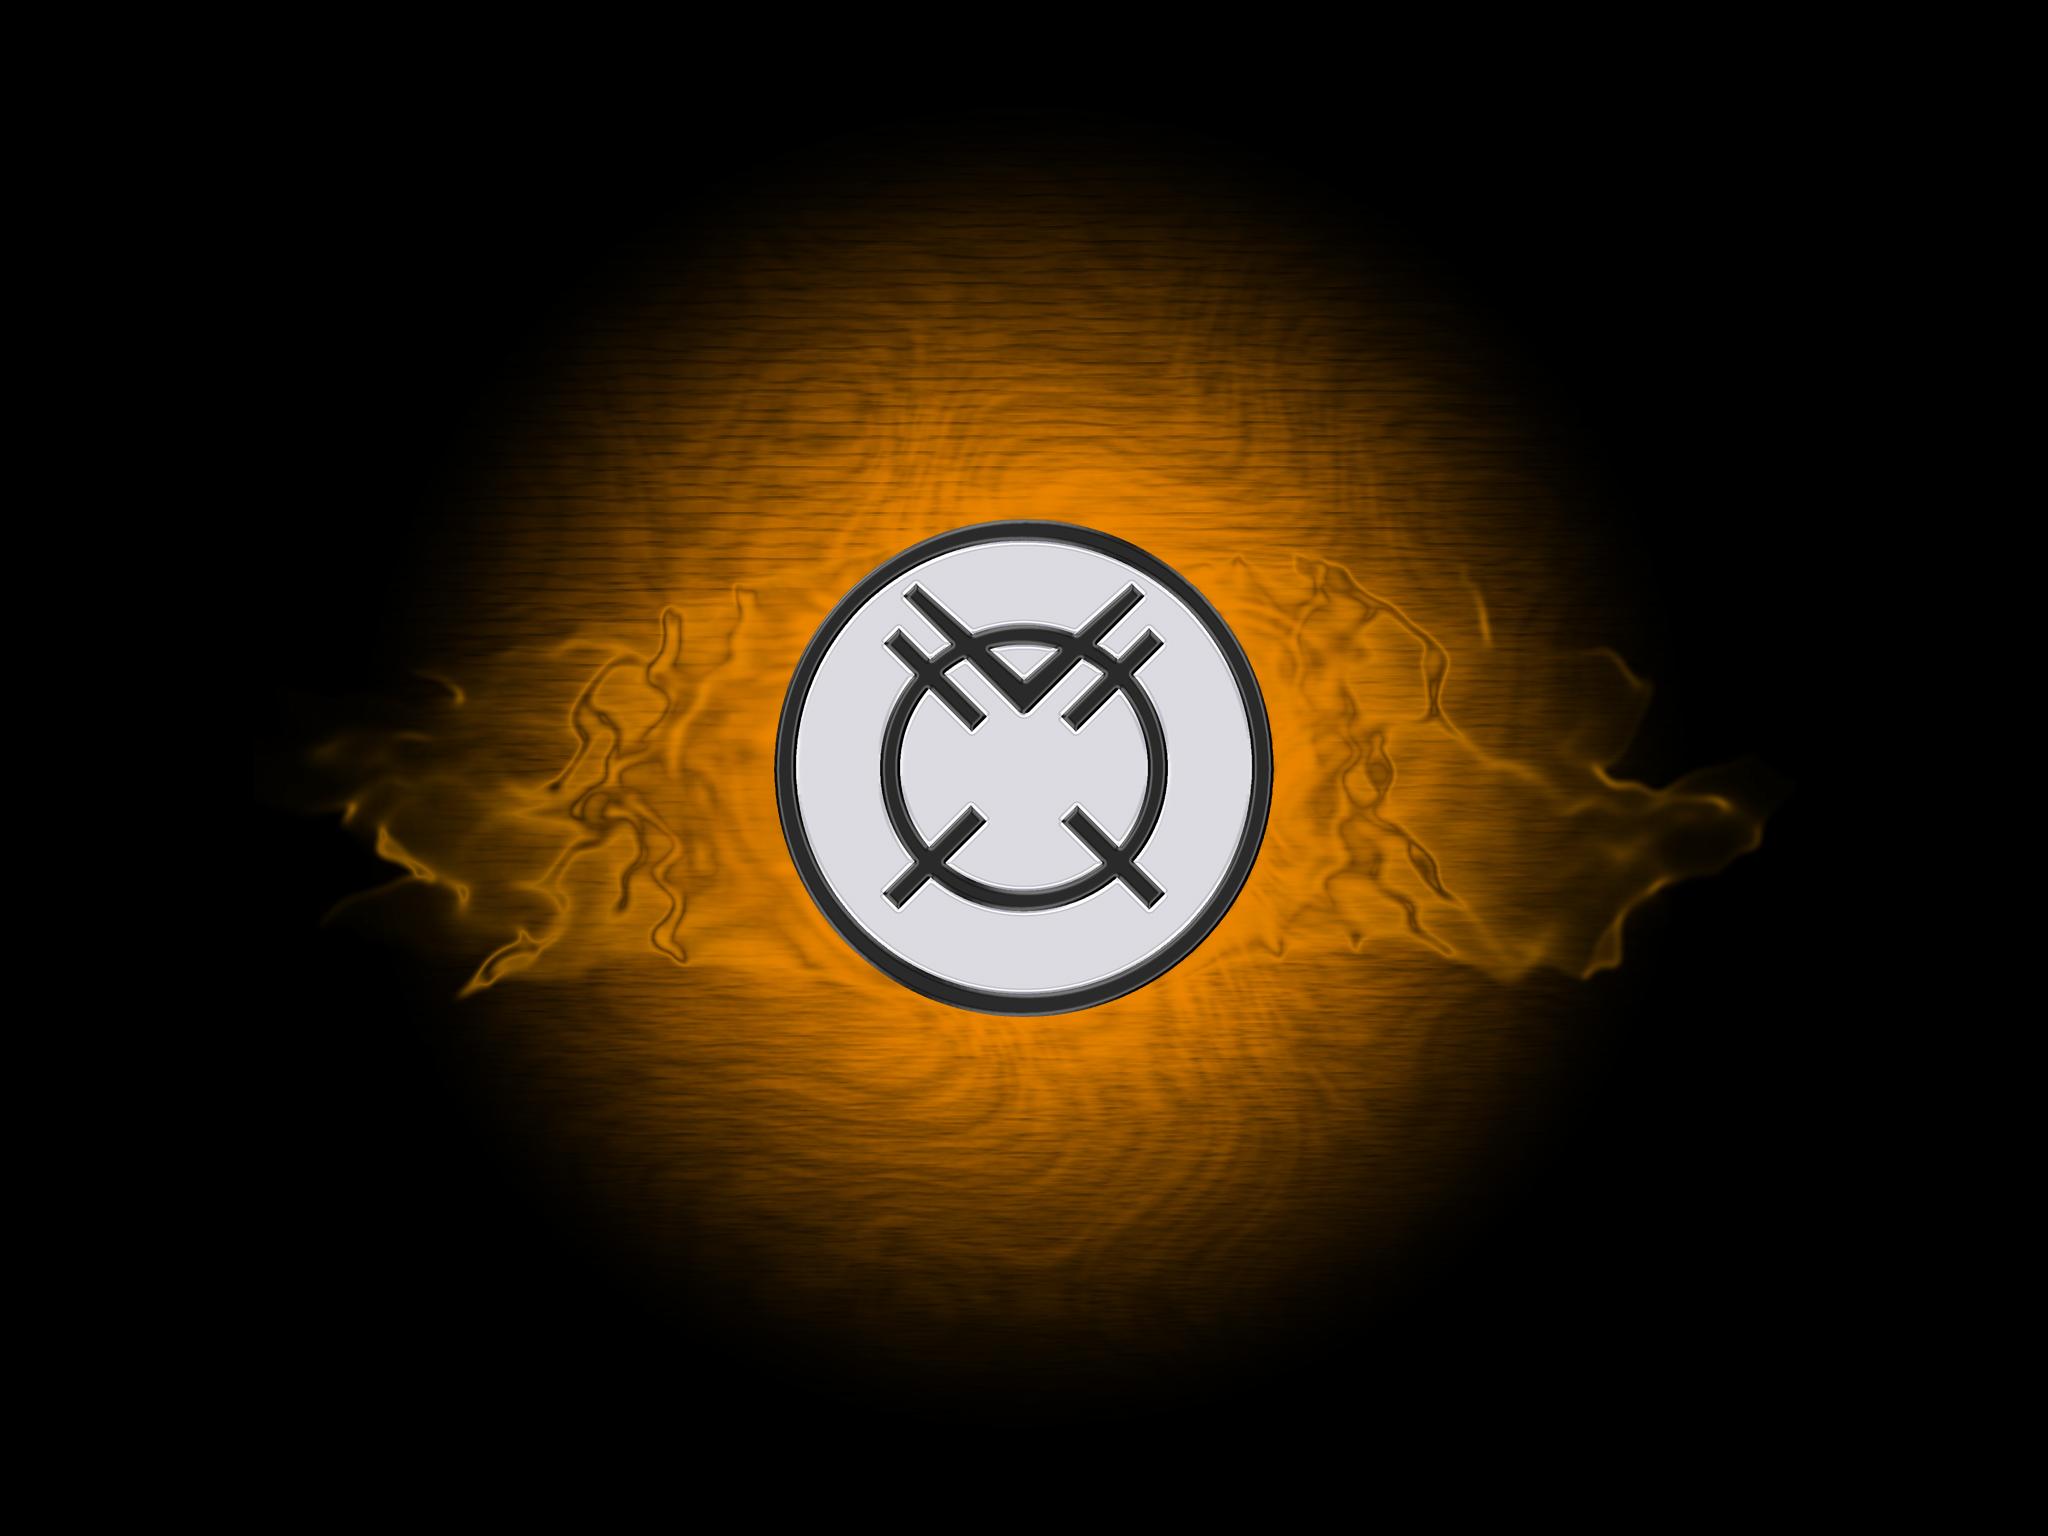 Orange Lantern Corps Computer Wallpapers Desktop Backgrounds 2048x1536